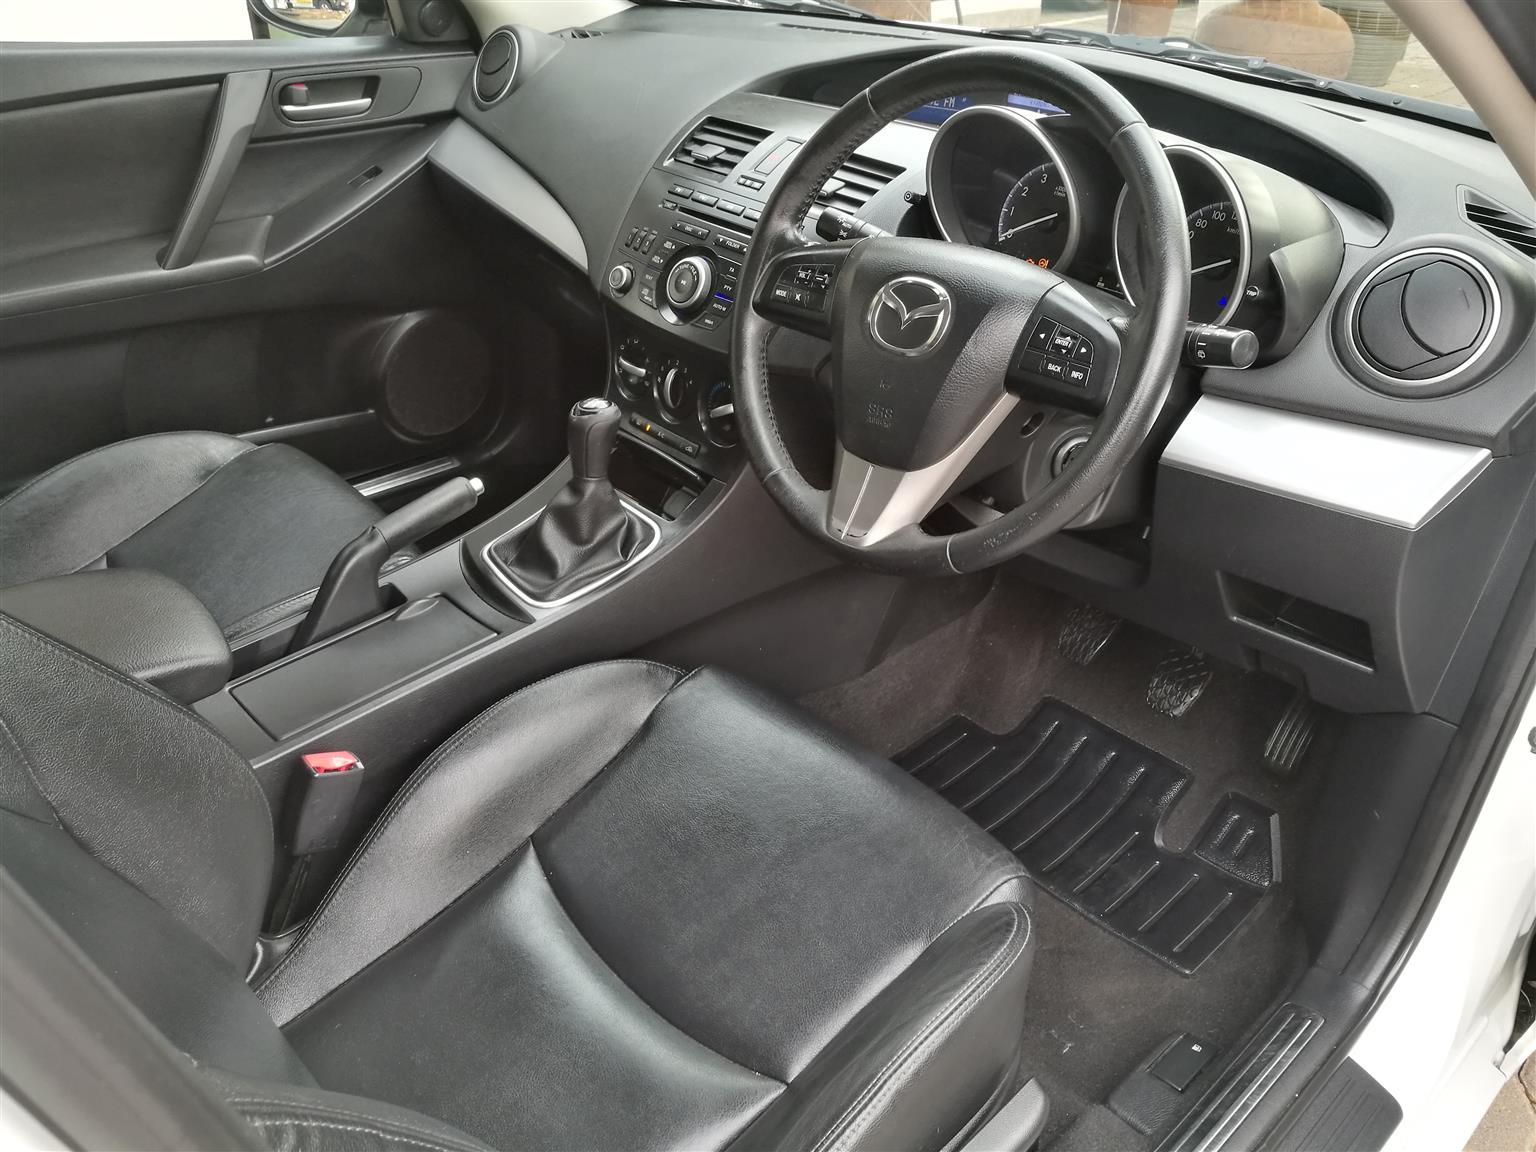 2014 Mazda 3 Mazda 1.6 Dynamic